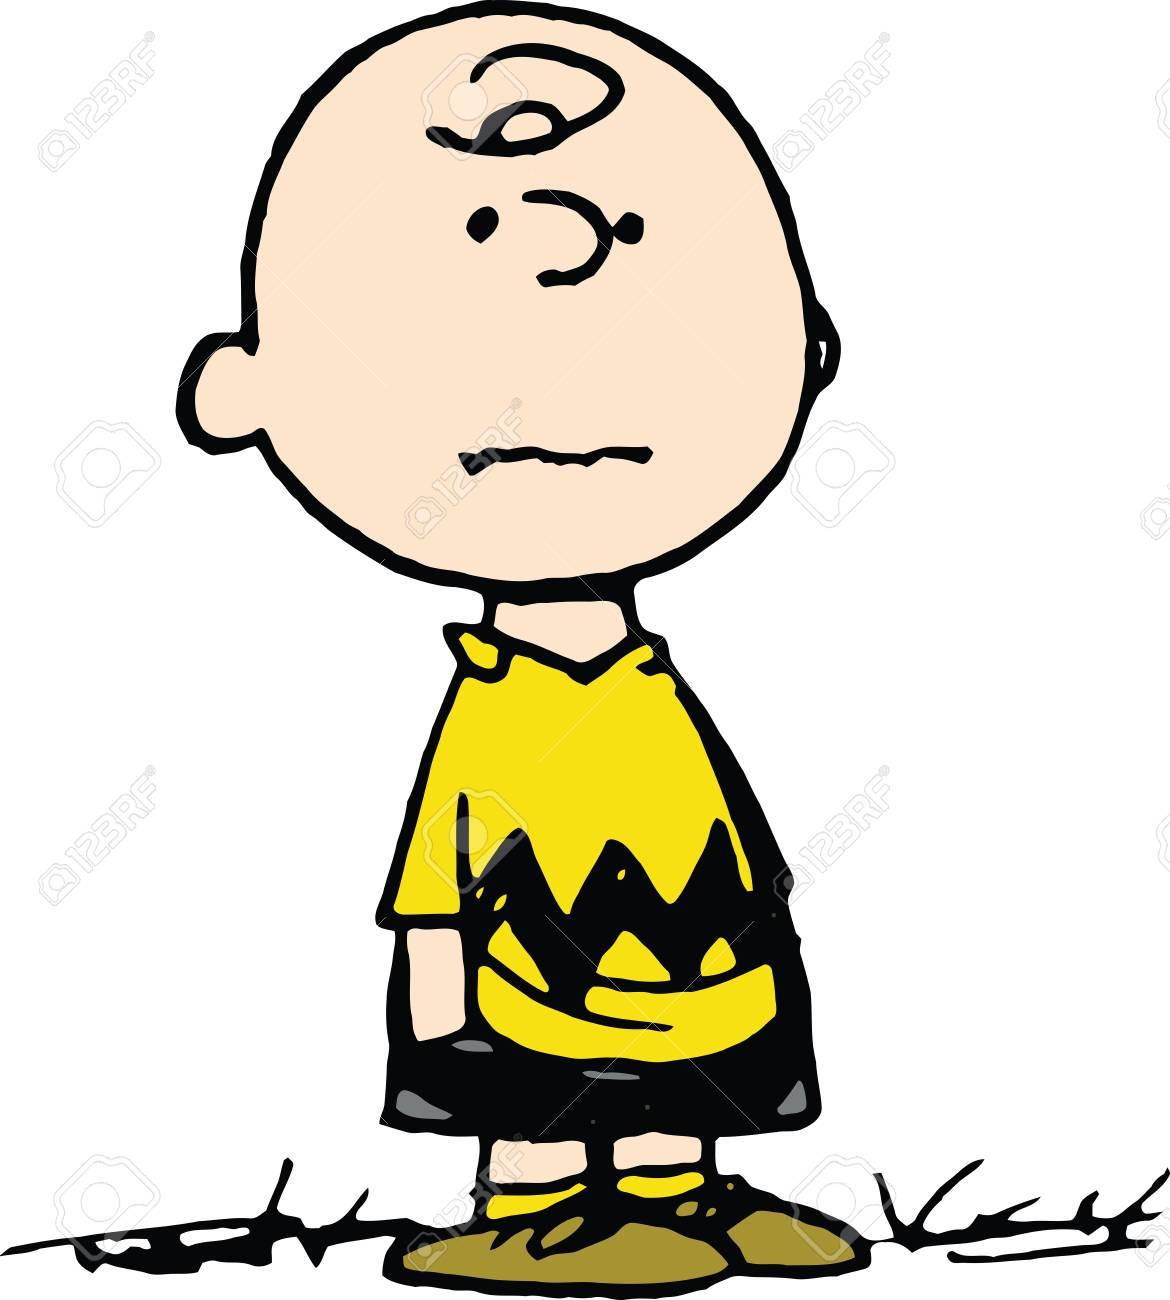 Ilustración De Dibujos Animados De Charlie Brown Fotos, Retratos ...